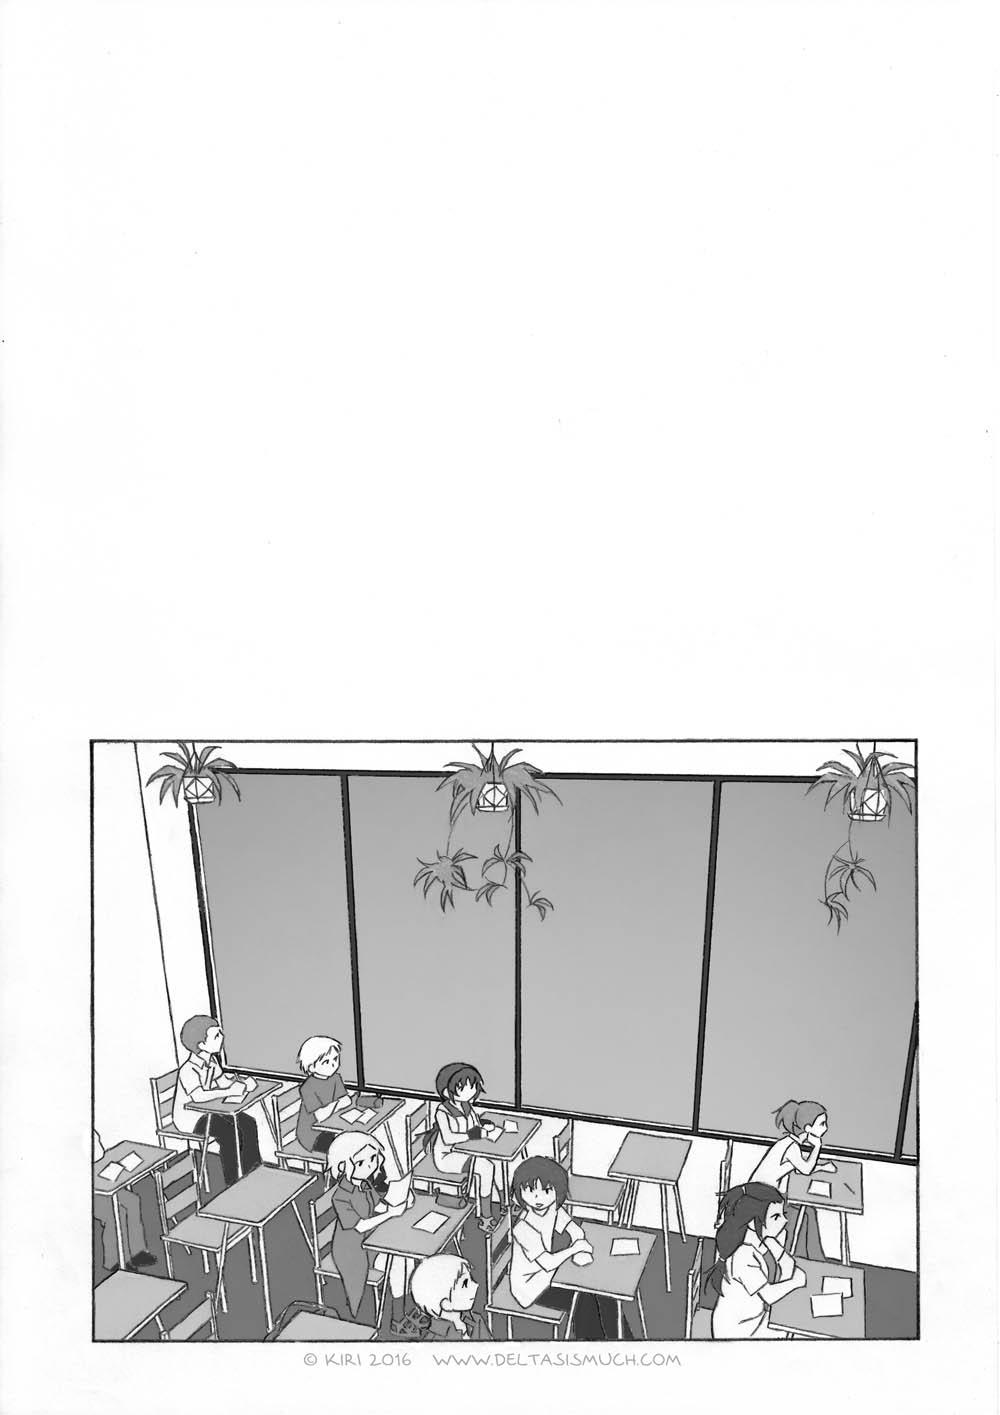 (教室って、映えない割に描くのに手間がかかるね)